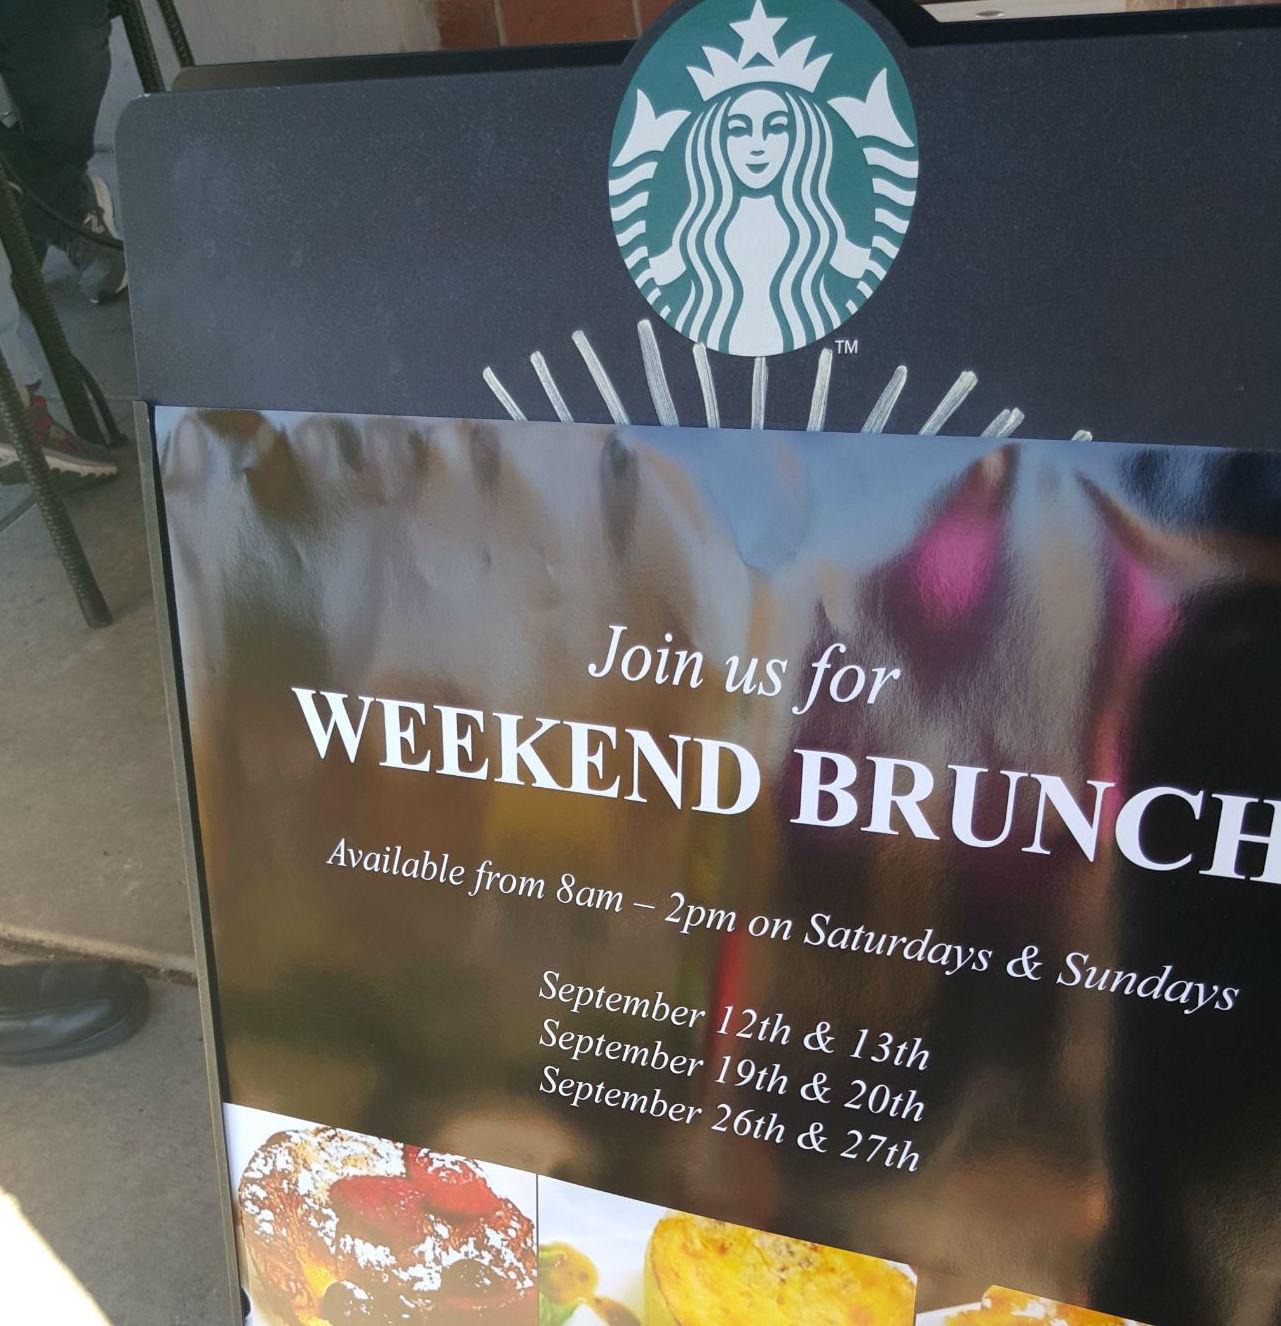 Starbucks Brunch